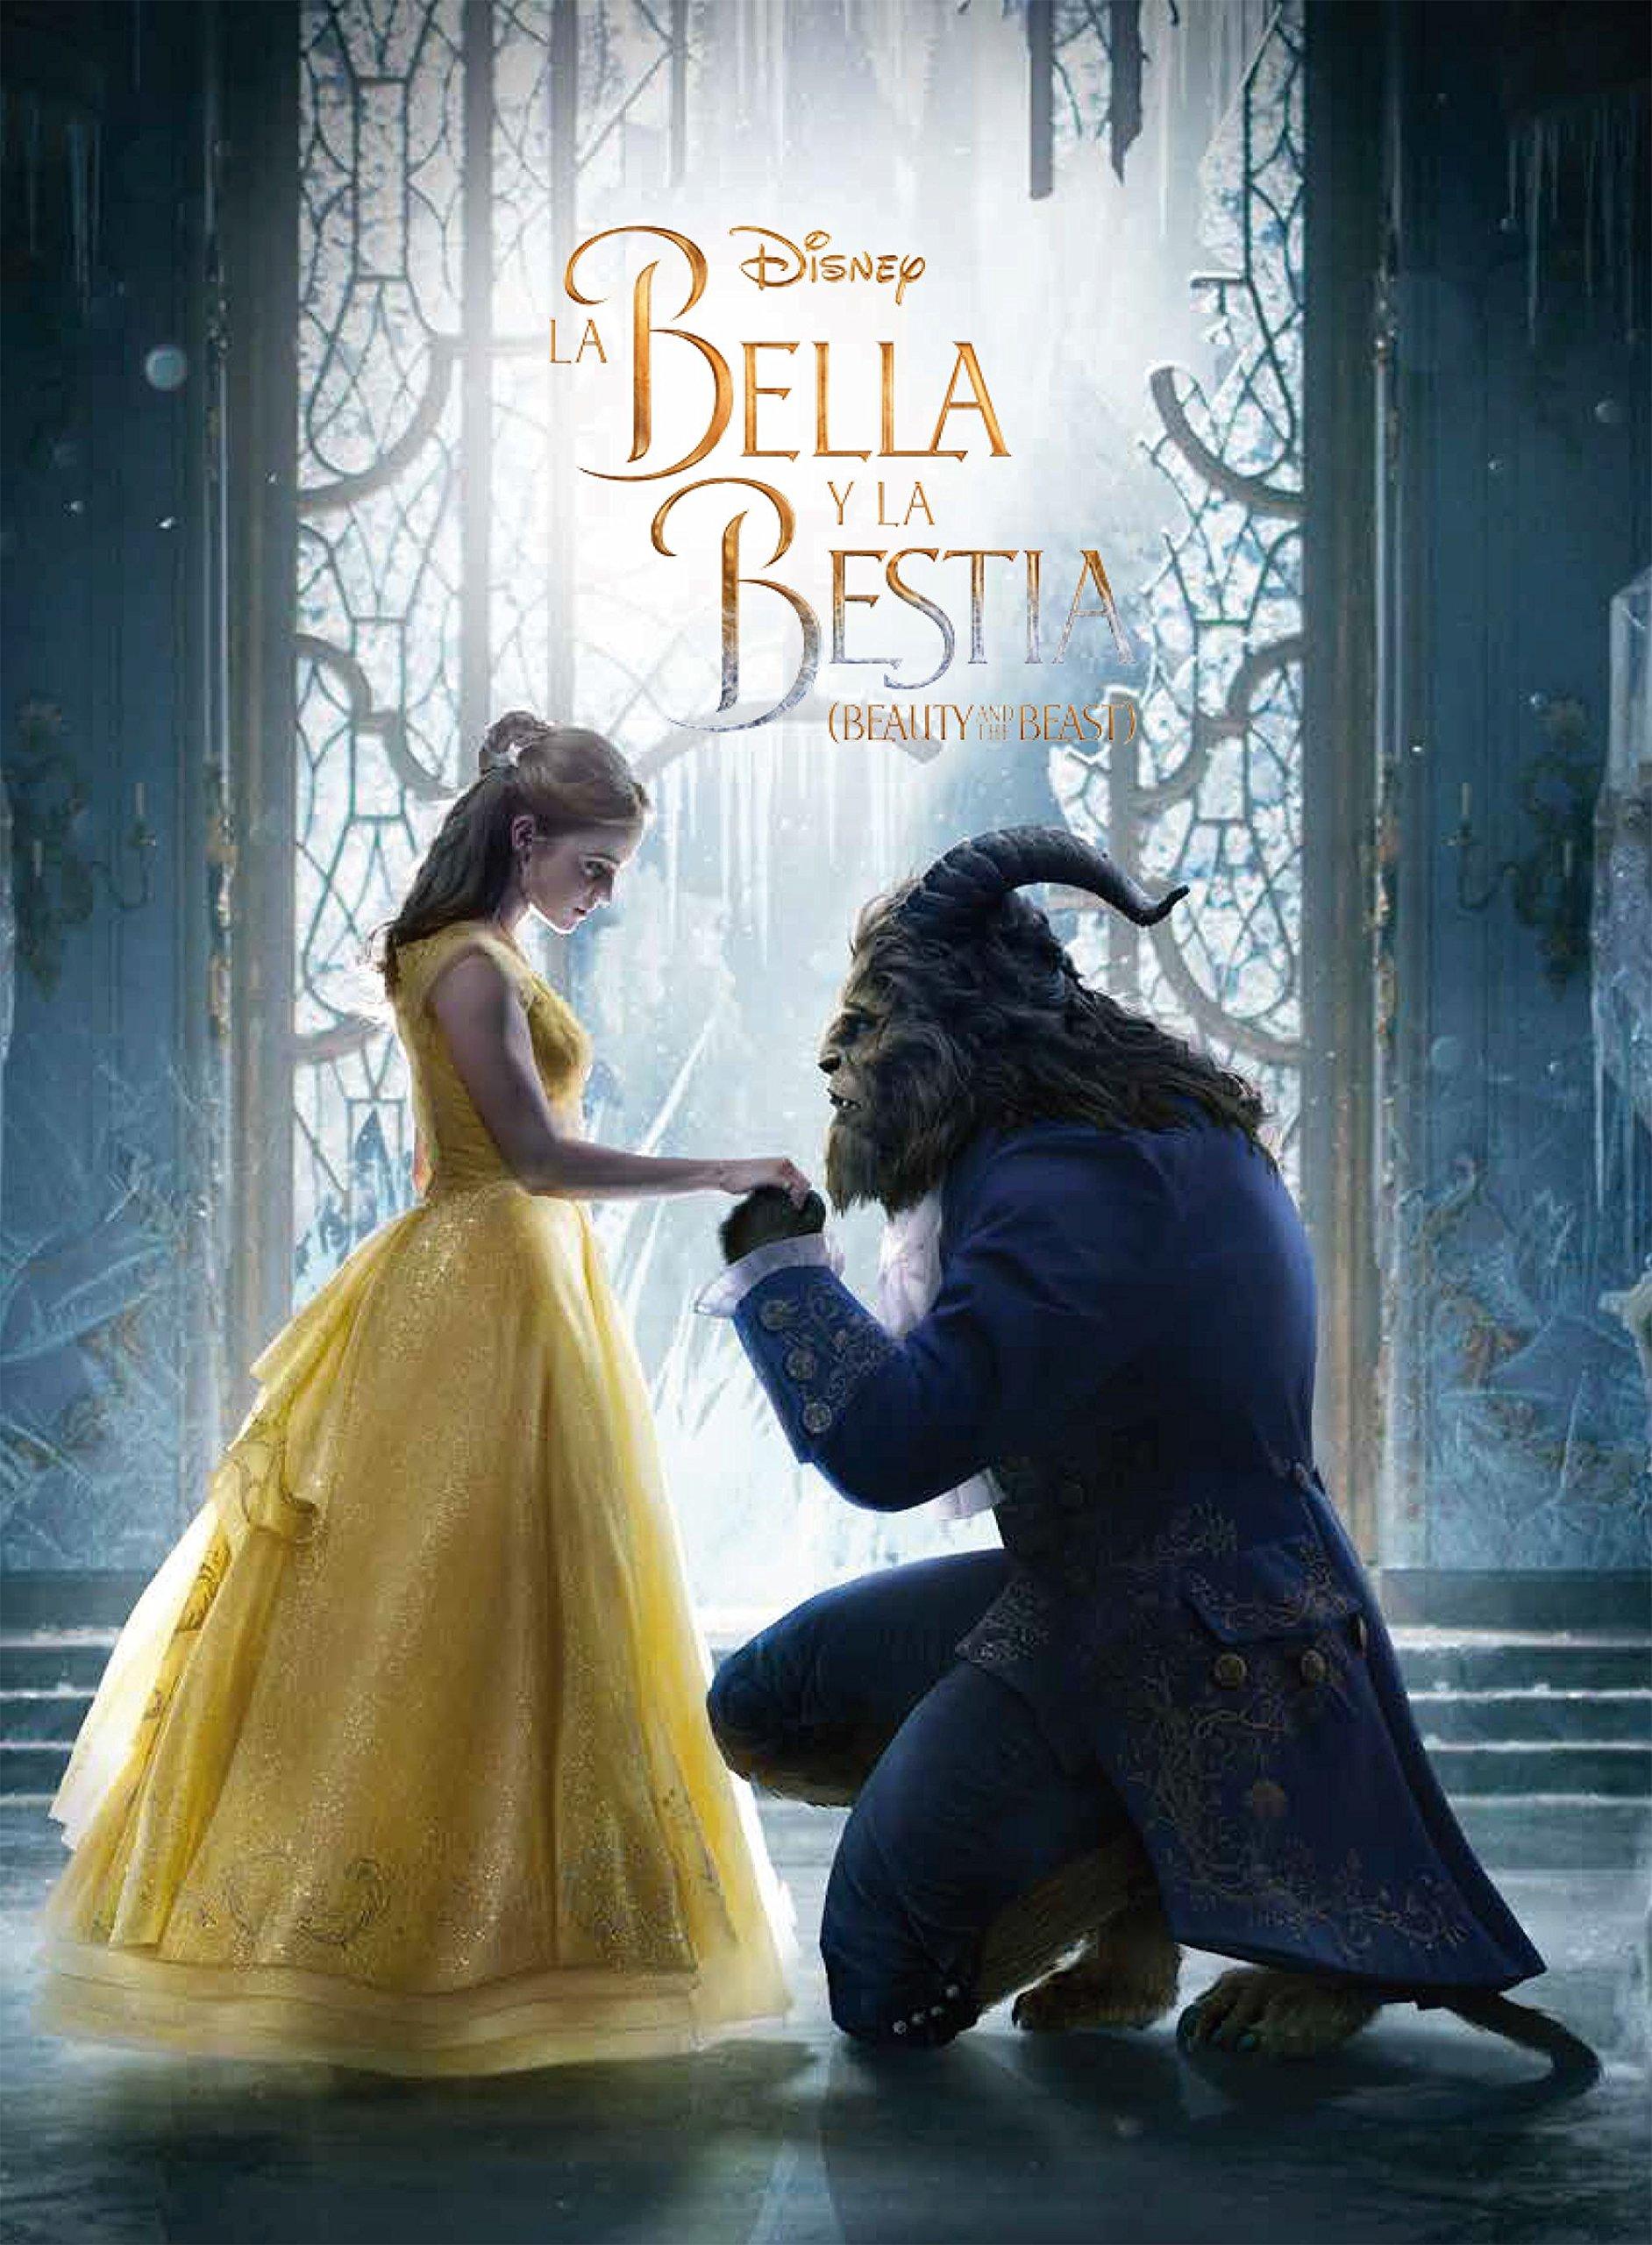 La Bella Y La Bestia El Libro De La Película Disney La Bella Y La Bestia Spanish Edition Disney Editorial Planeta S A 9788499518855 Books